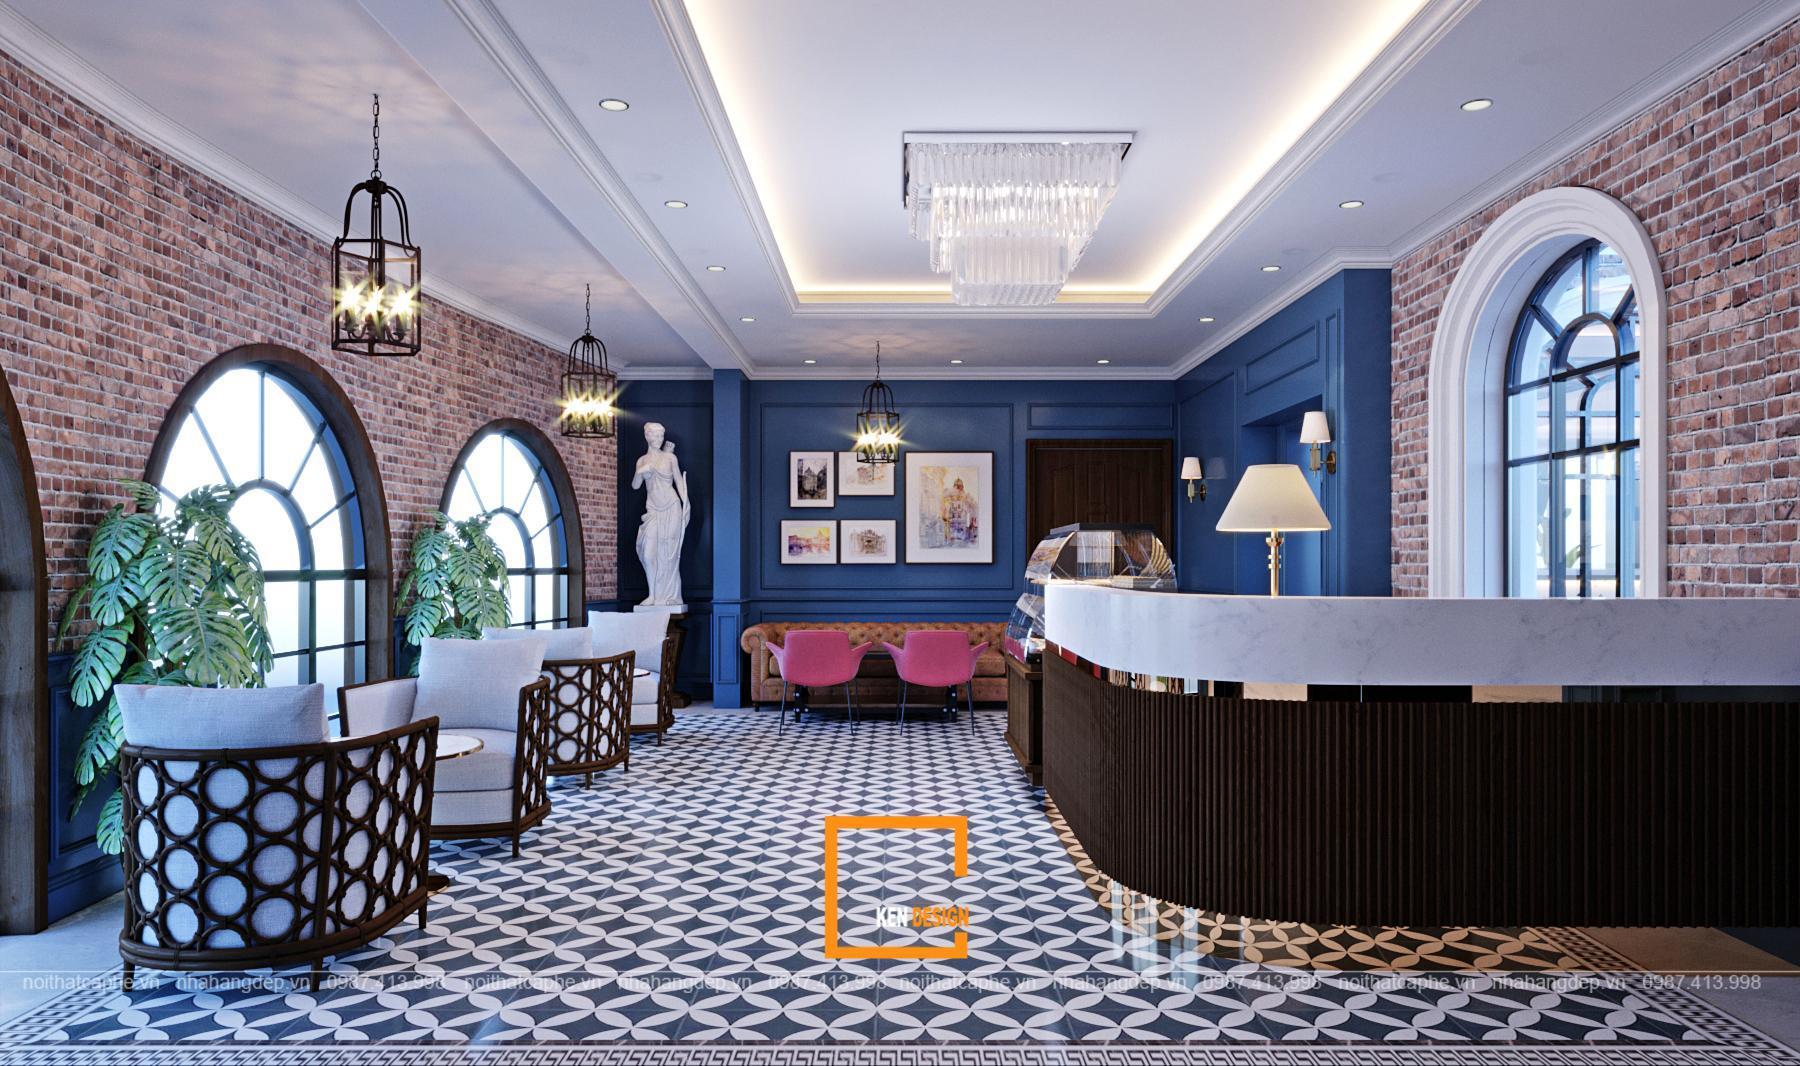 Xu hướng thiết kế quán cafe phong cách Châu Âu